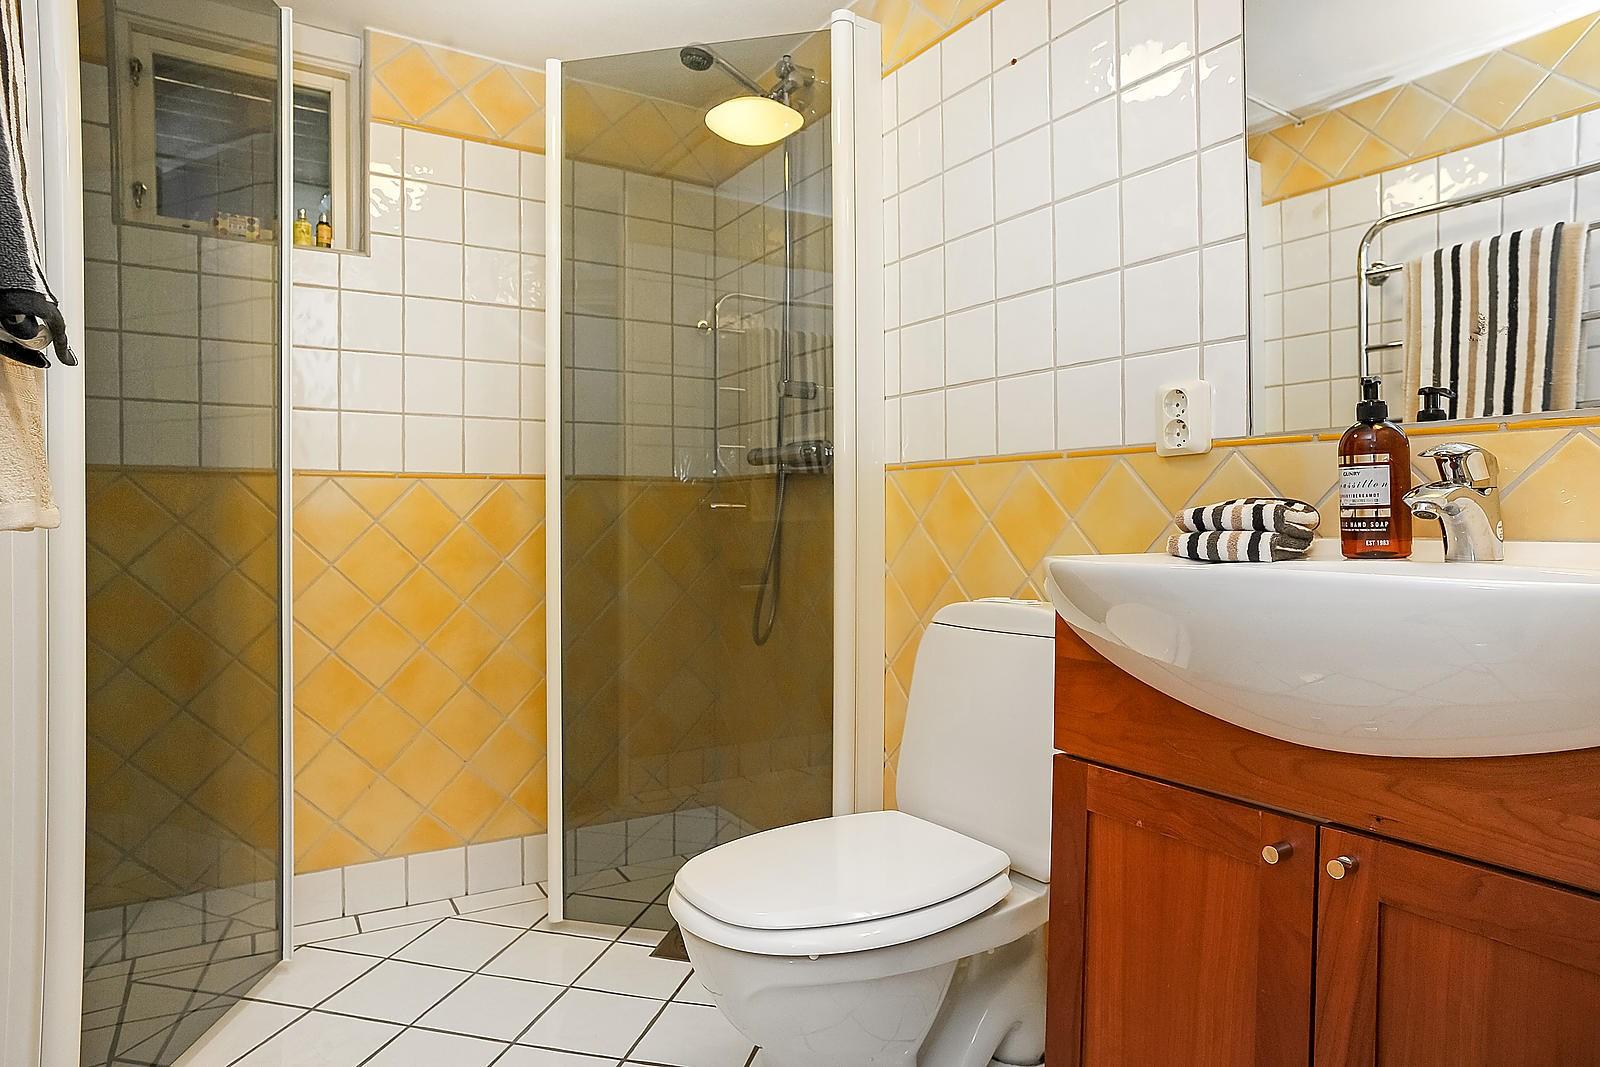 Friliggande villa (sÃ¥ld) | Valkyriavägen 5 Djursholm - Svalnäs ... : vattenburen golvvärme badrum : Badrum